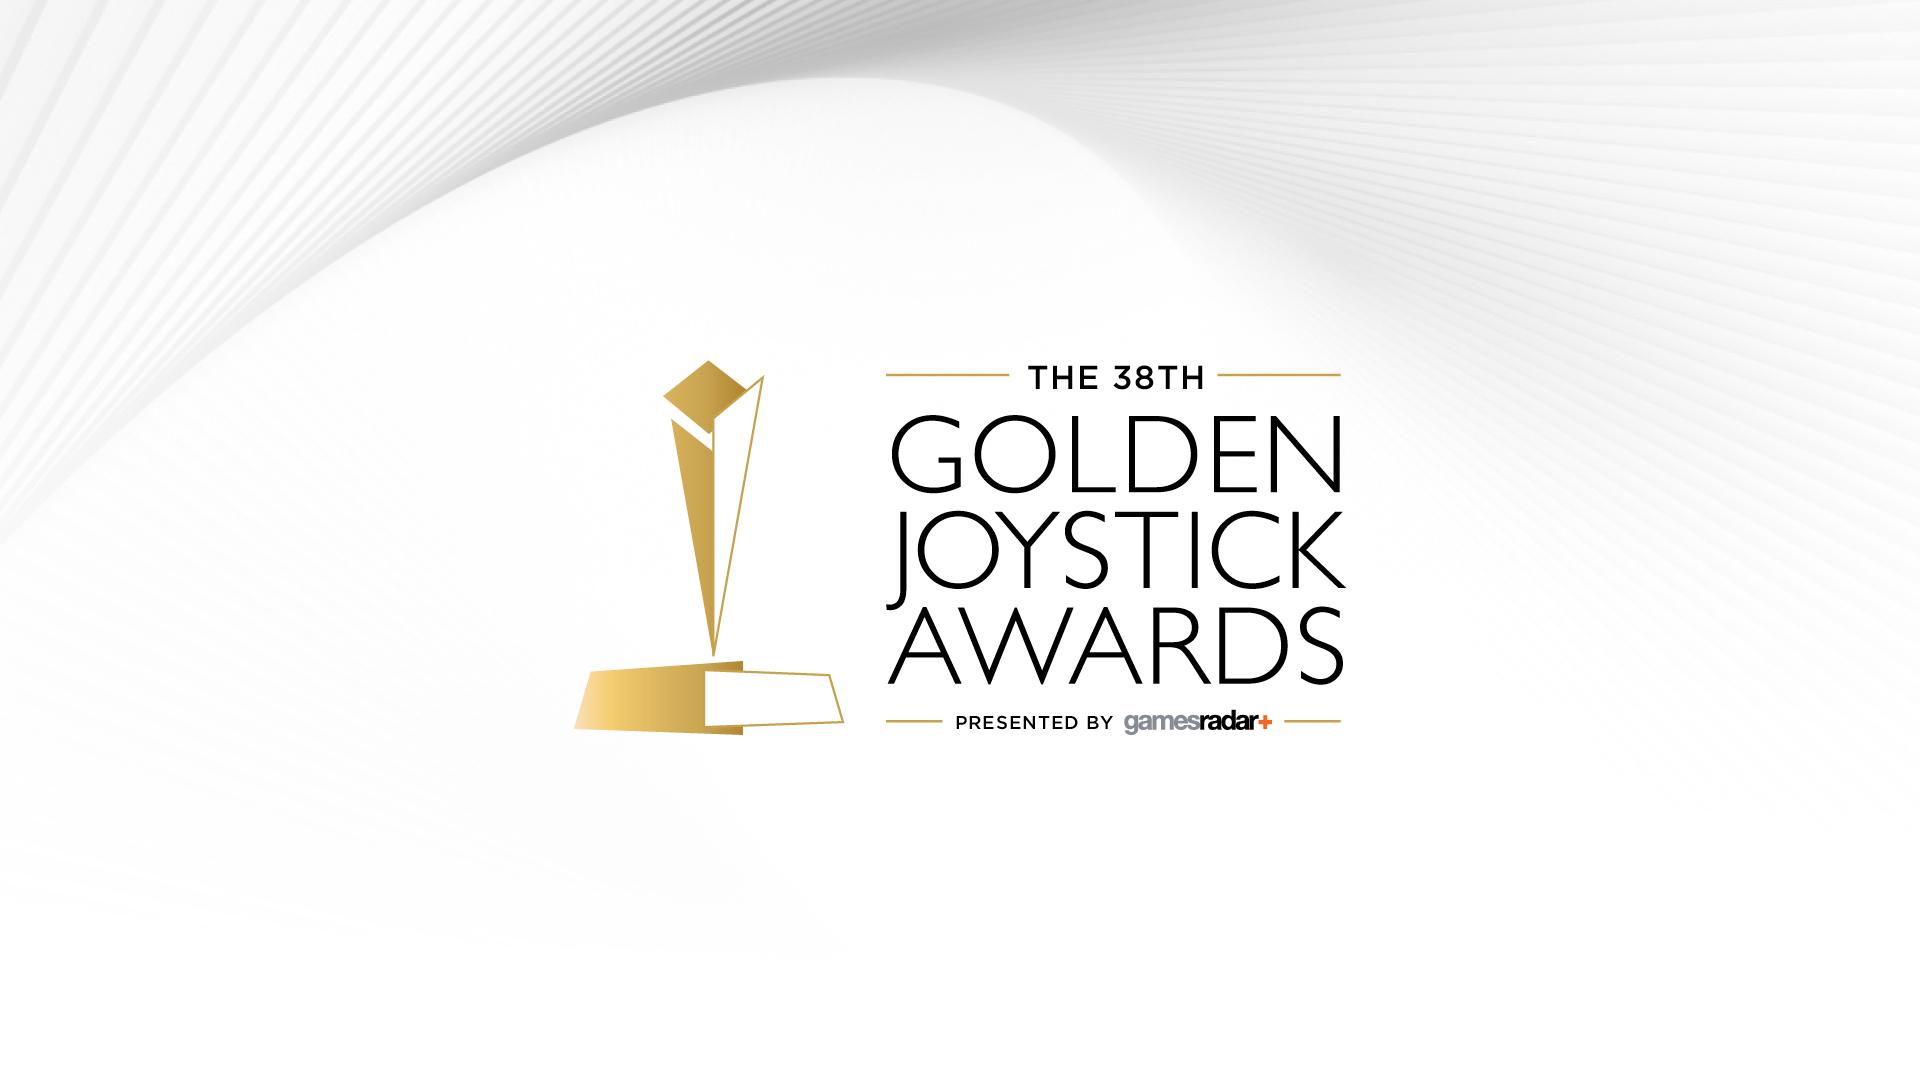 GOLDEN JOYSTICKS AWARDS 2020: ¡YA PUEDES VOTAR POR TUS JUEGOS FAVORITOS!